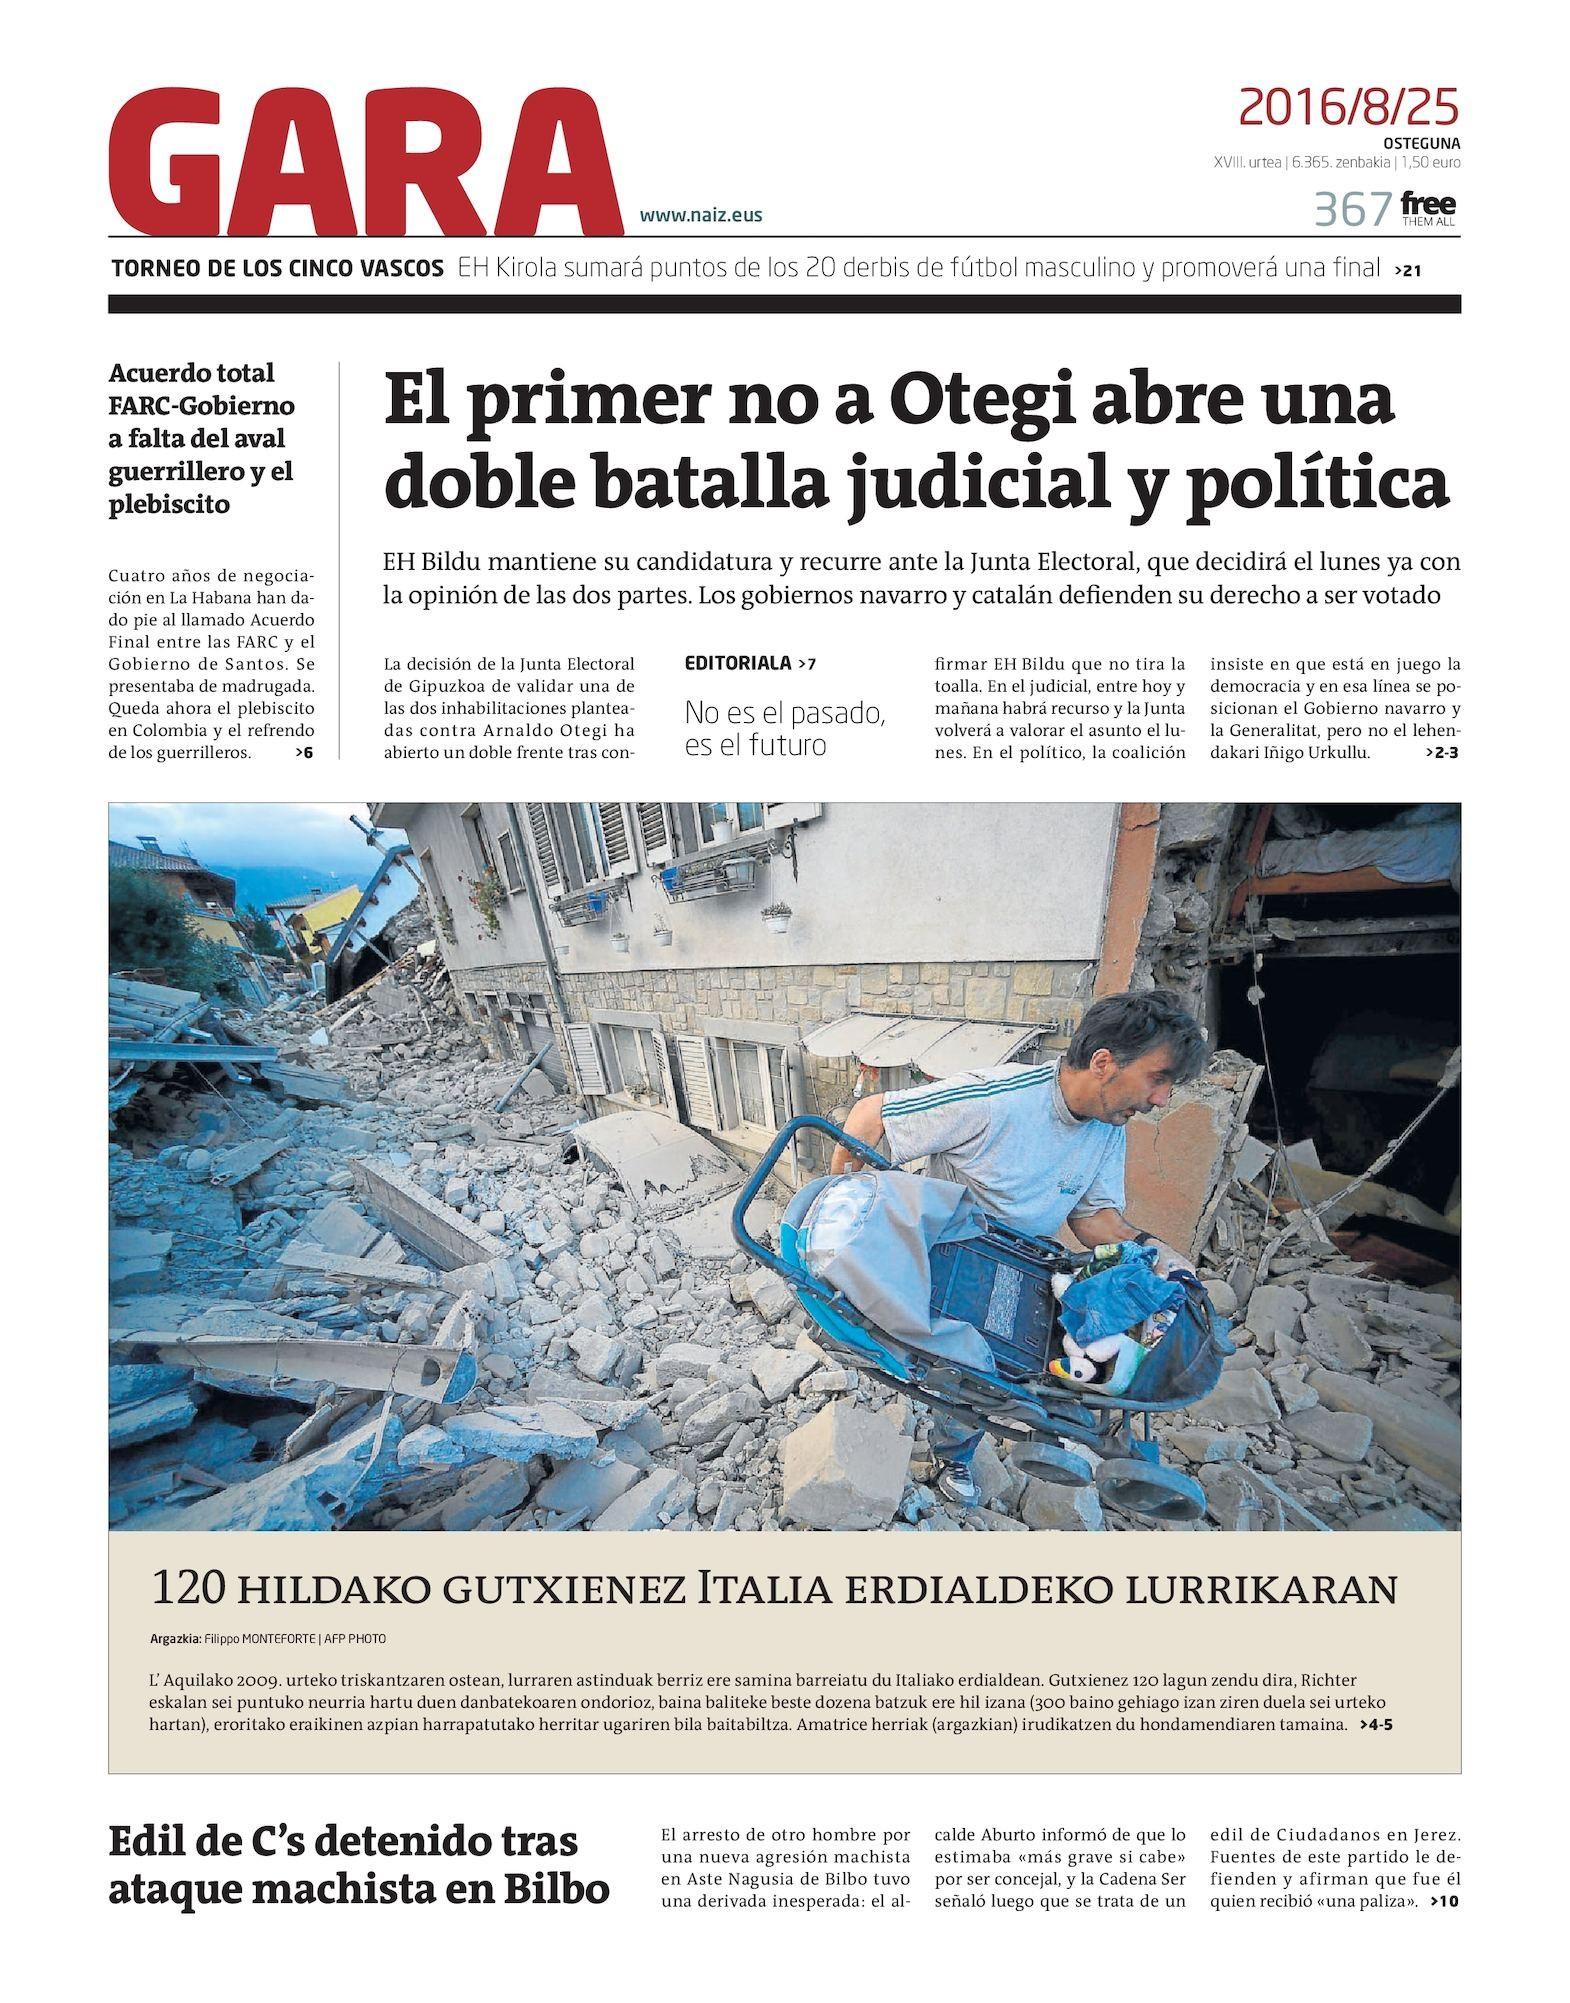 Calendario Electoral 2019 En Colombia Más Populares Calaméo Gara Of Calendario Electoral 2019 En Colombia Más Arriba-a-fecha Calaméo Diario De Noticias De lava